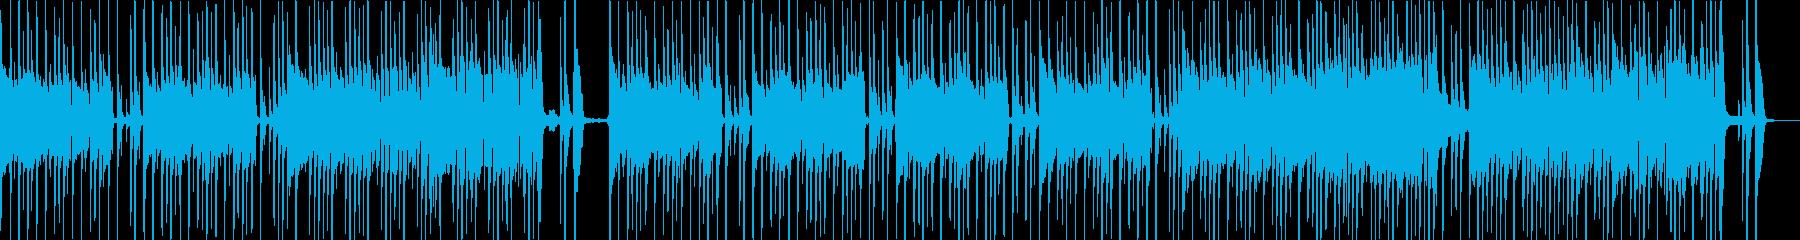 ドラムとベースのシンプルなロックサウンドの再生済みの波形